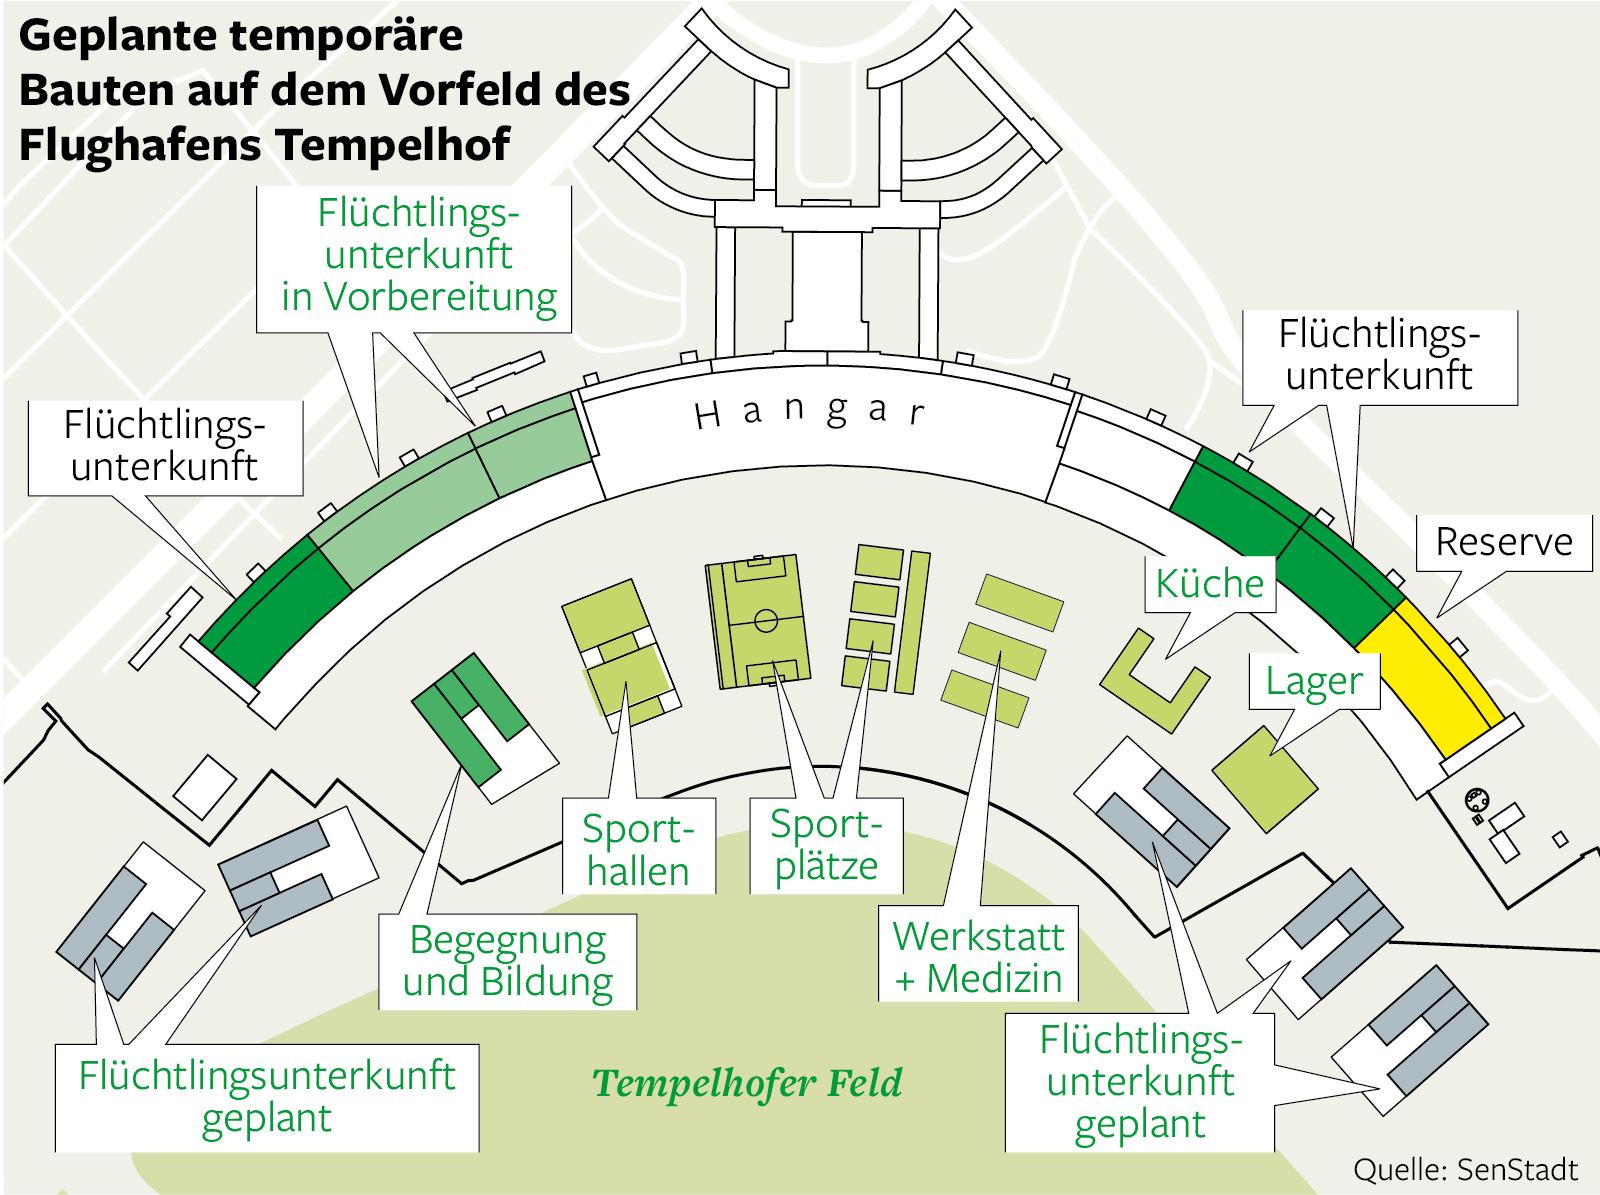 Geplante temporäre Bauten auf dem Vorfeld des Flughafens Tempelhof